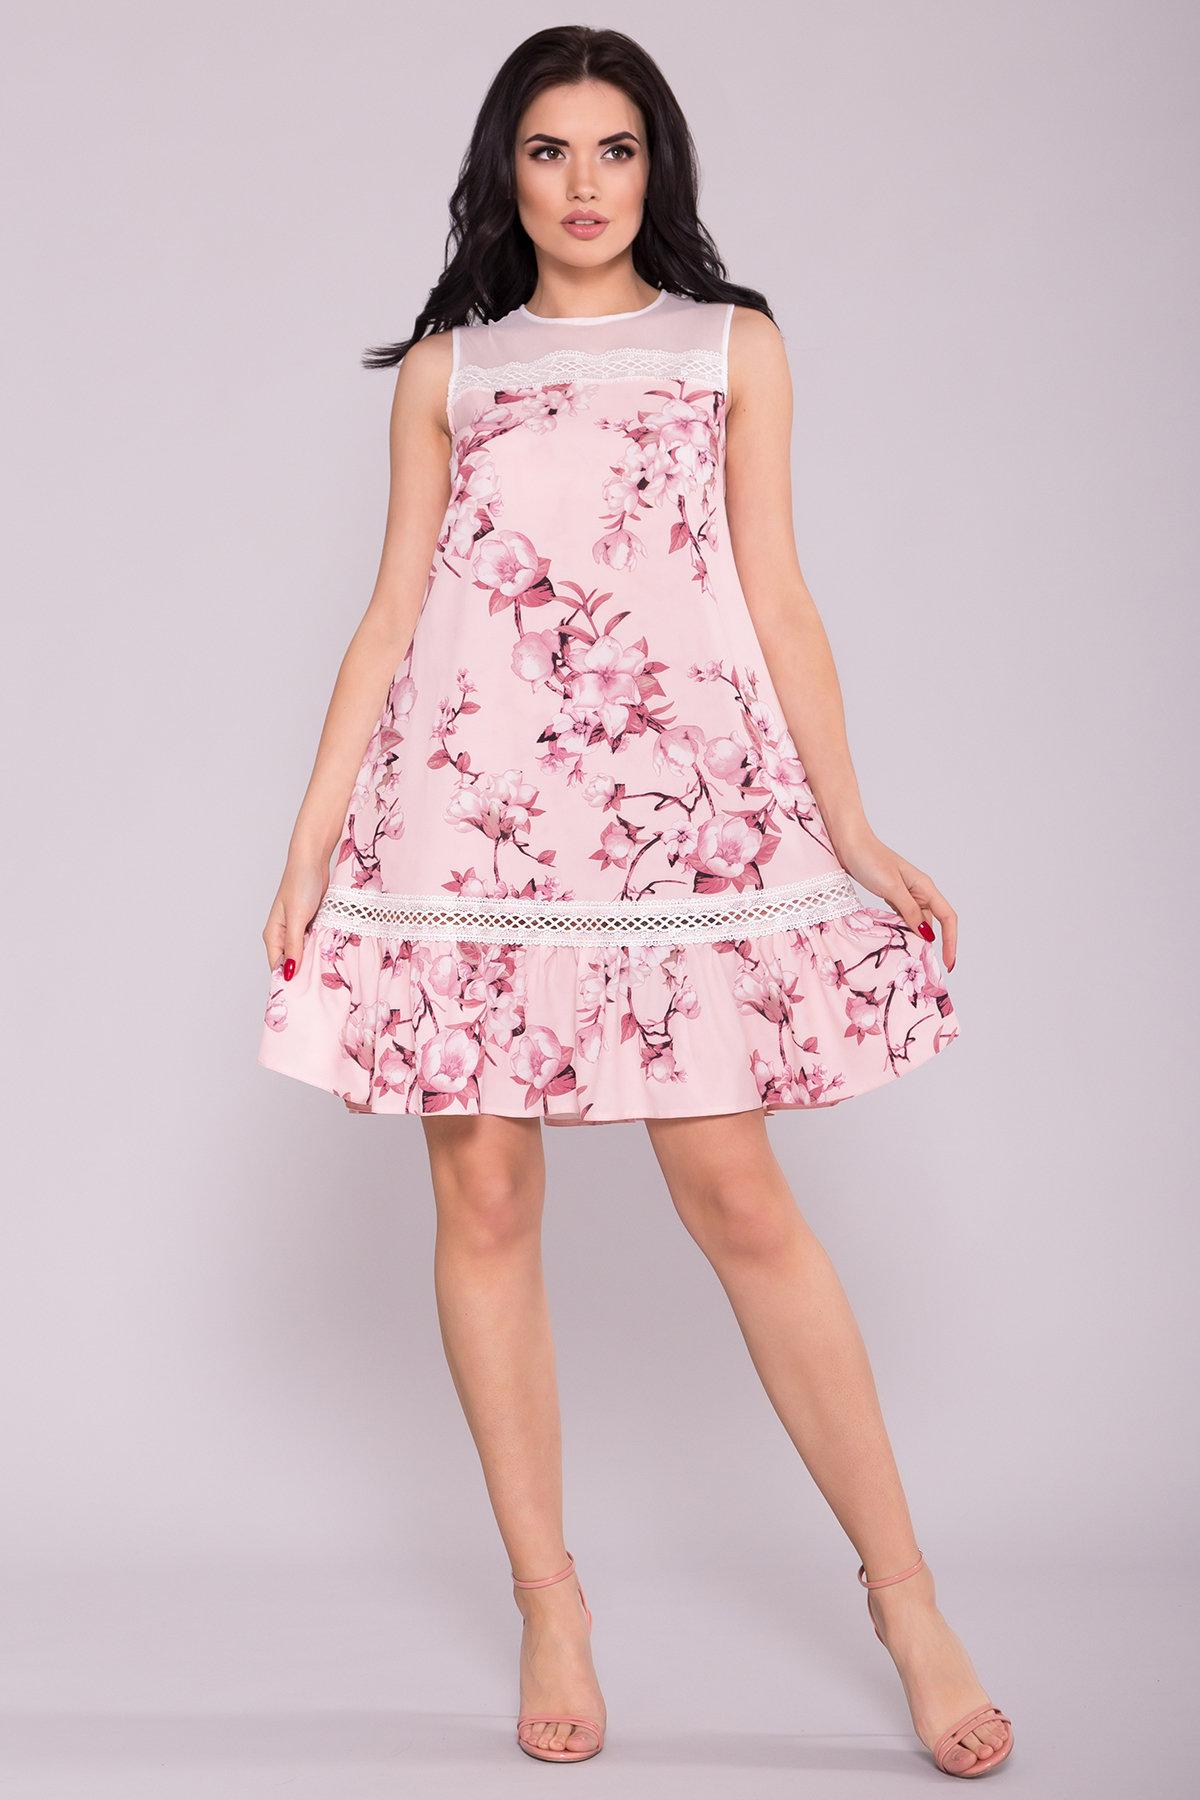 Купить платья оптом в Украине Платье Инга 7063